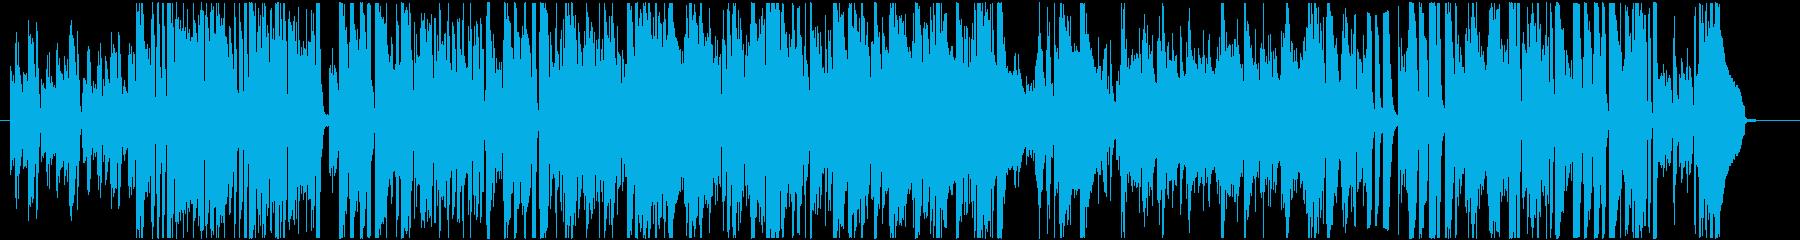 クールで疾走感のあるジャズピアノトリオ曲の再生済みの波形